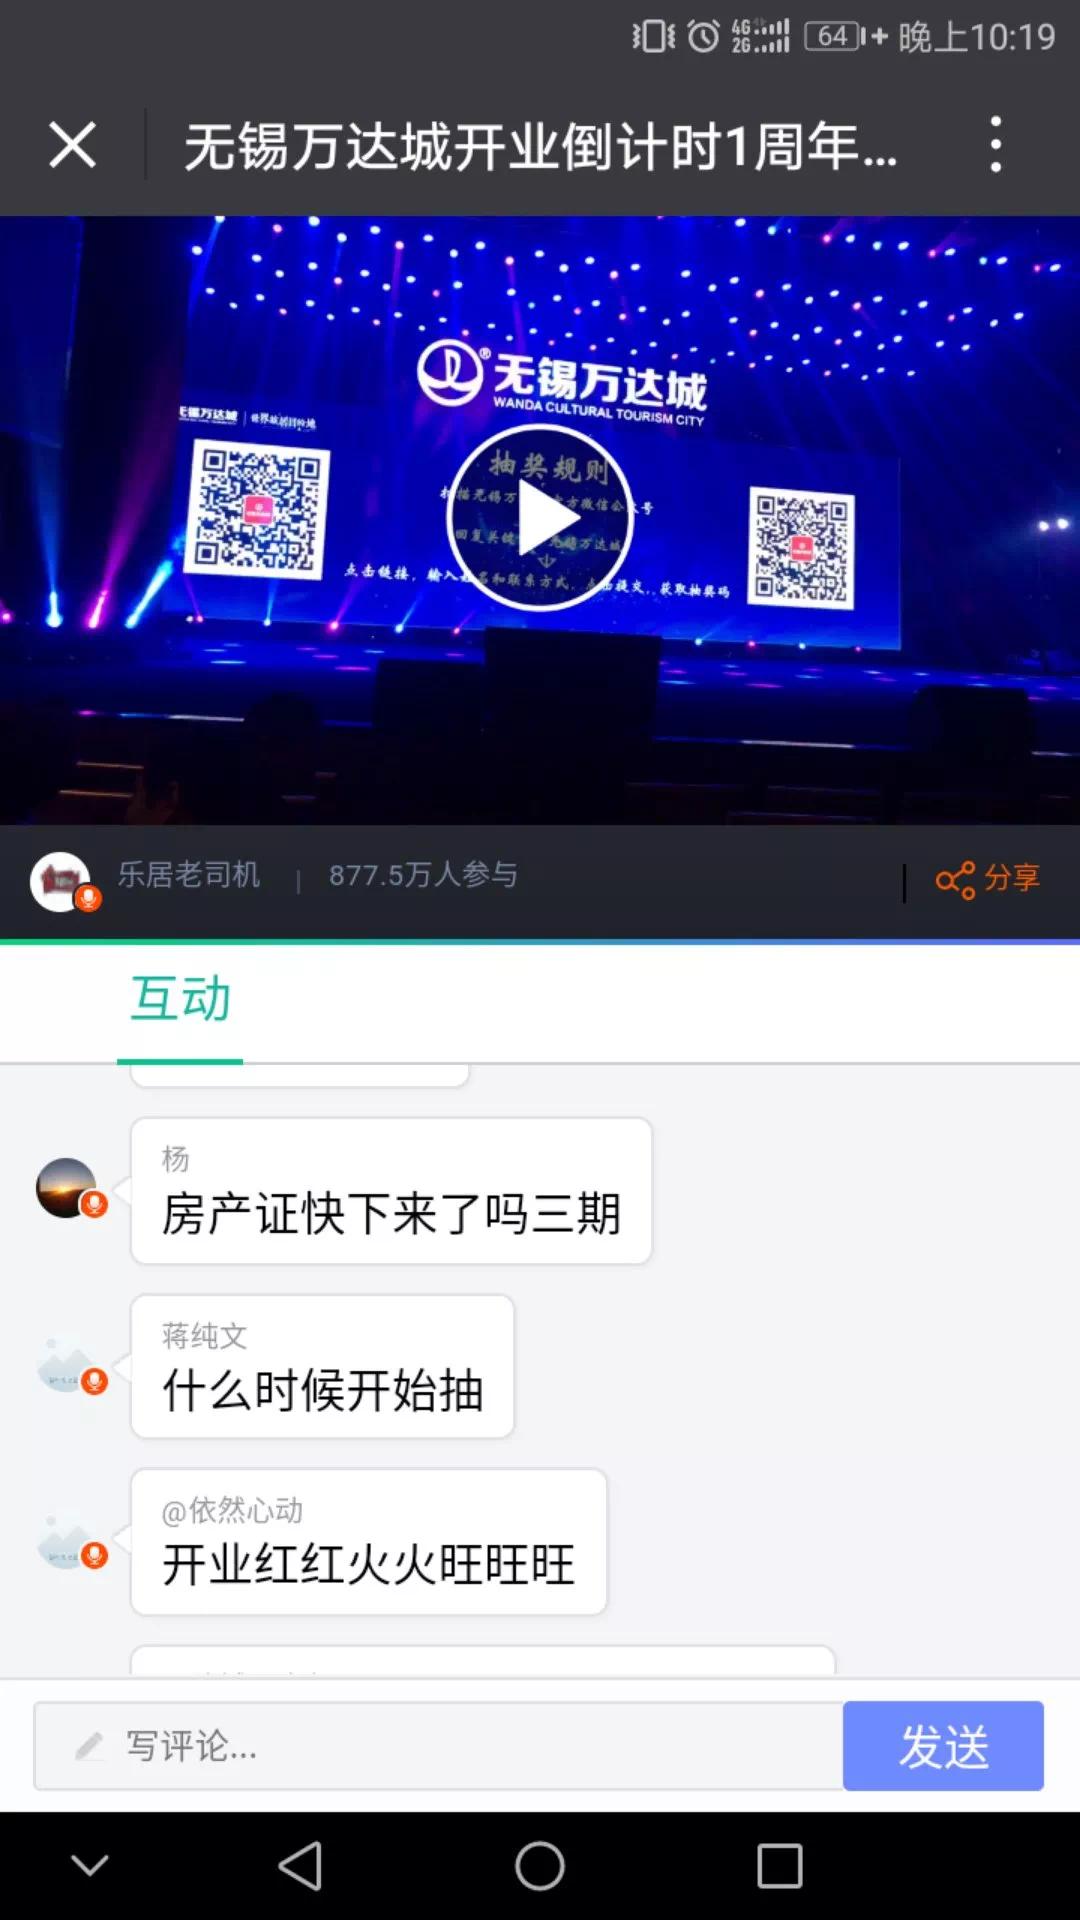 400亿文旅旗舰:一场活动竟然刷爆了长三角!